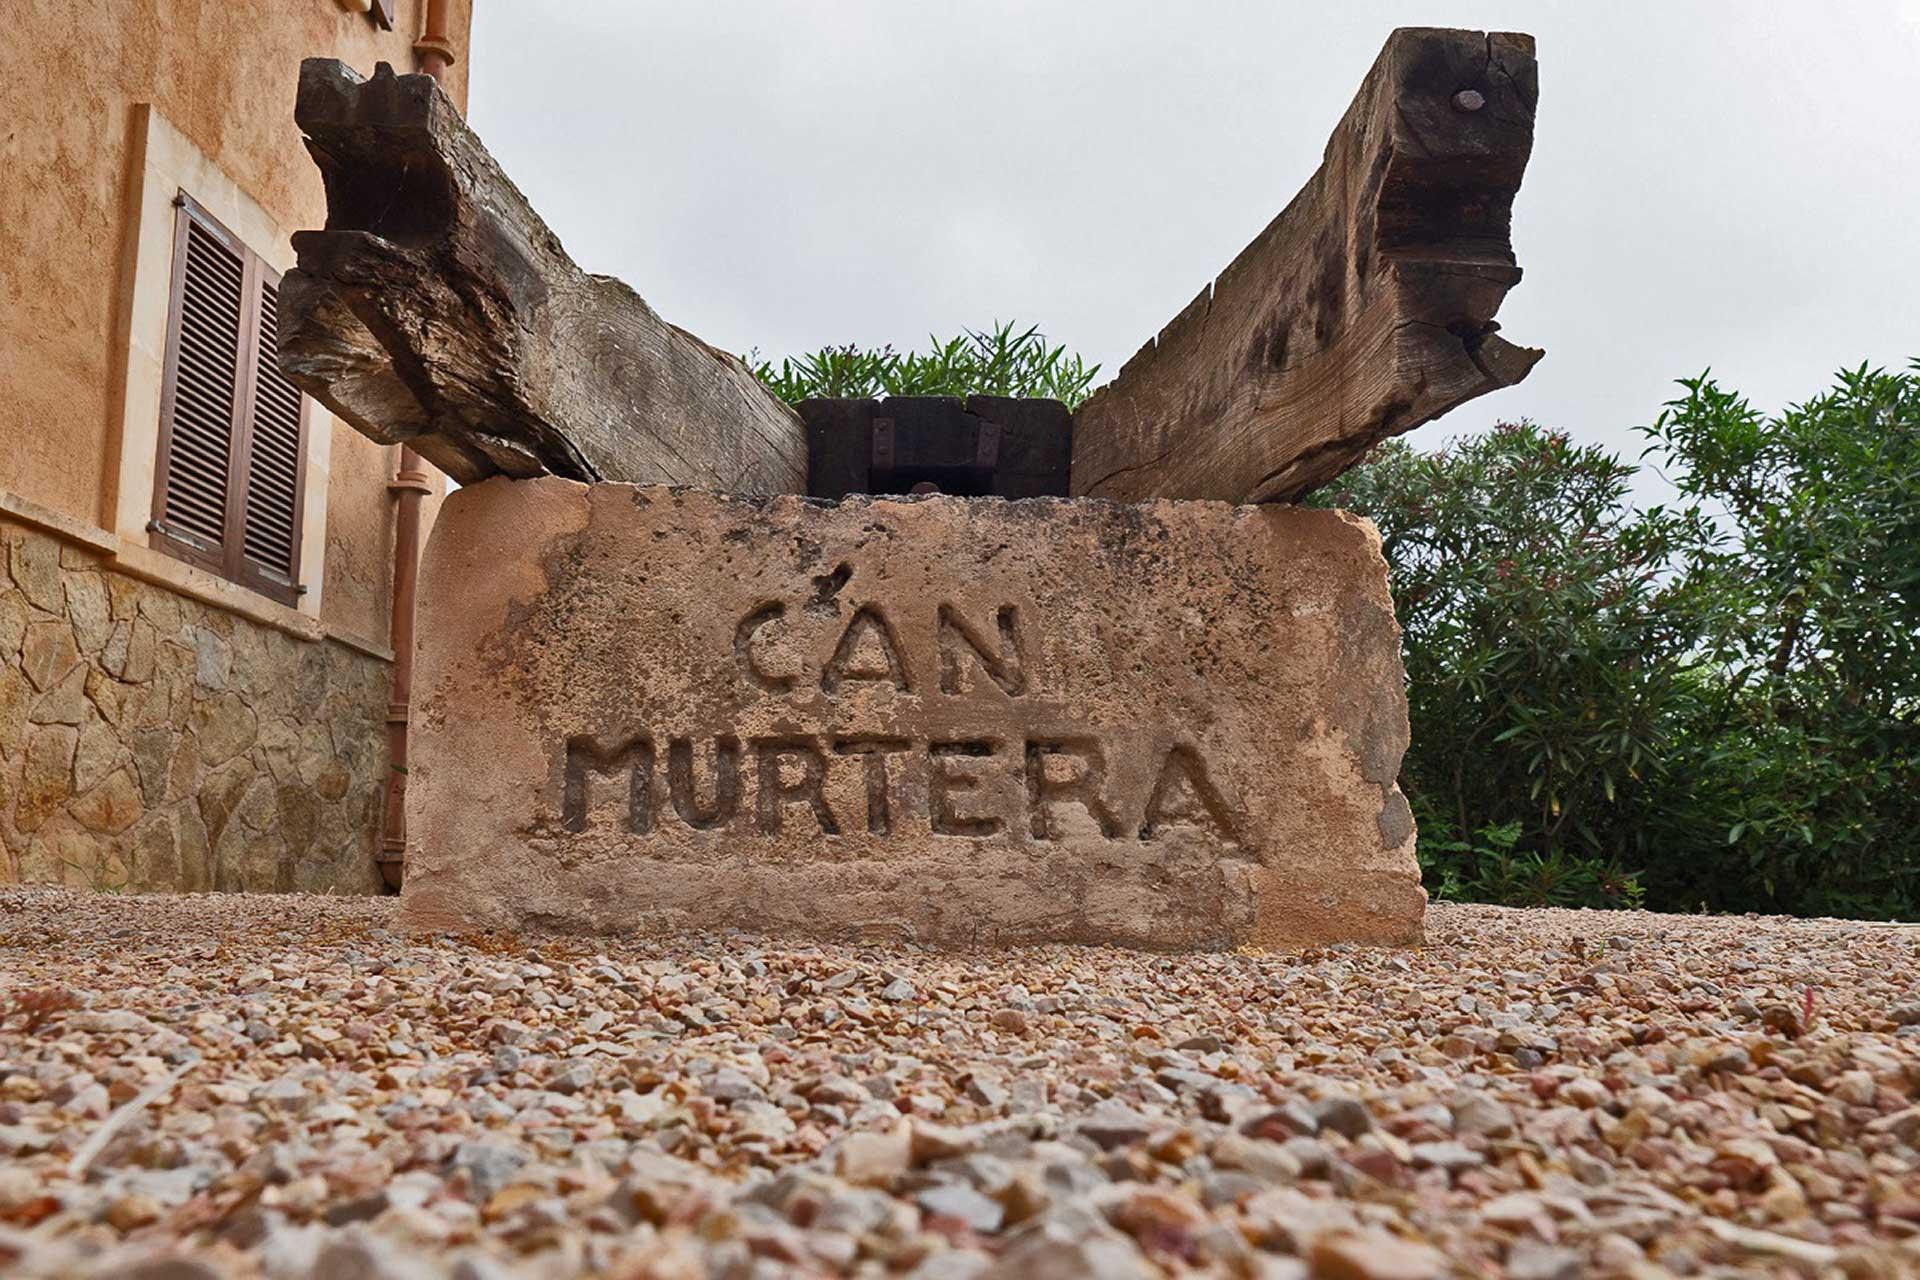 Finca C'an Murtera